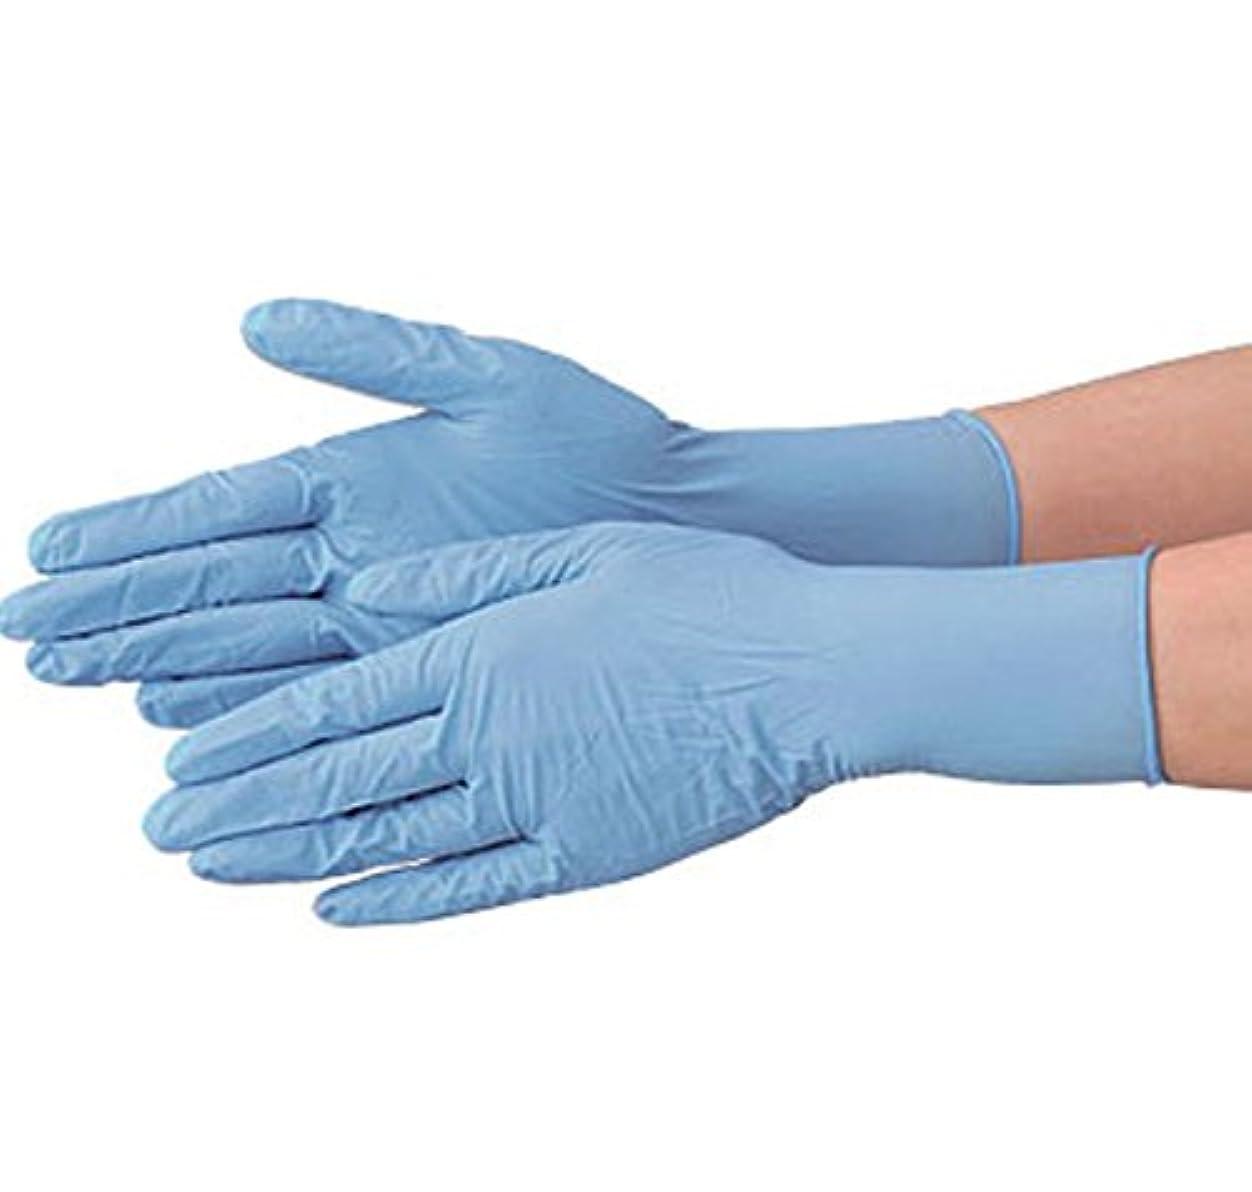 レビュアー対応する差し控える使い捨て 手袋 エブノ 573 ニトリルNEOプラス ブルー Mサイズ パウダー付き 2ケース(100枚×40箱)